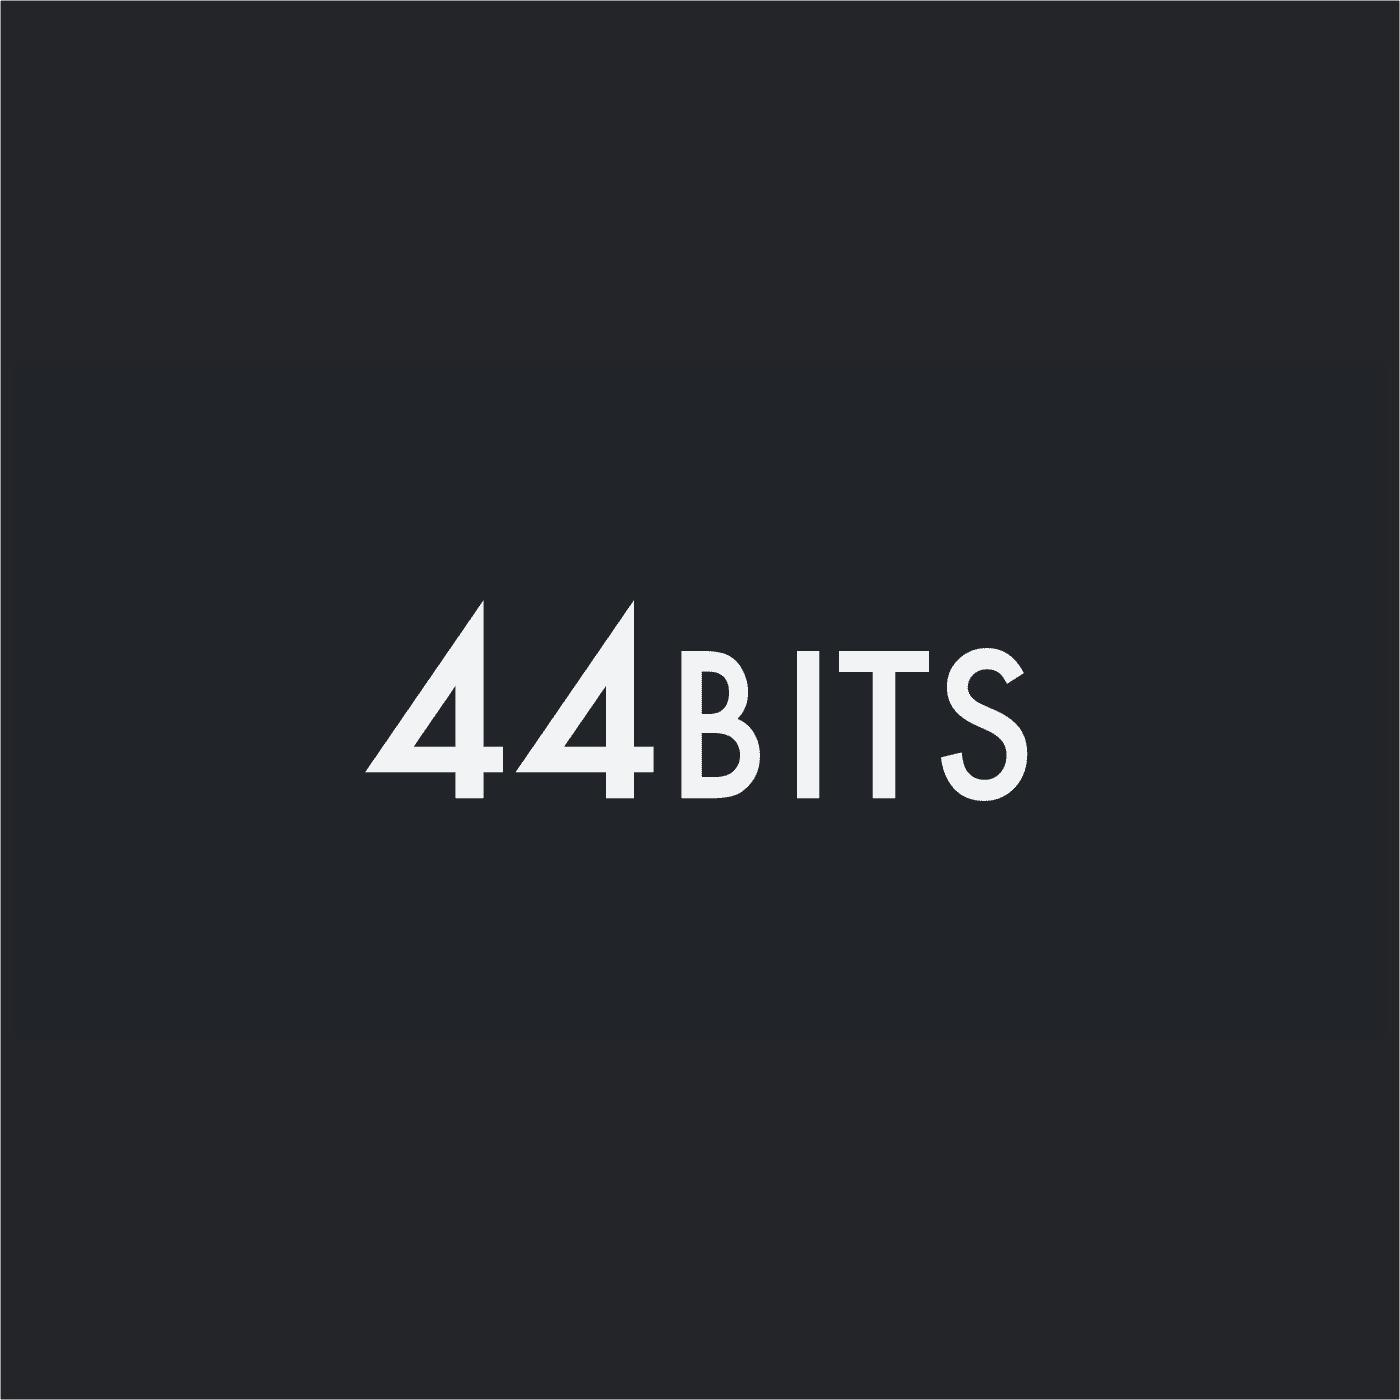 44bits의 썸네일